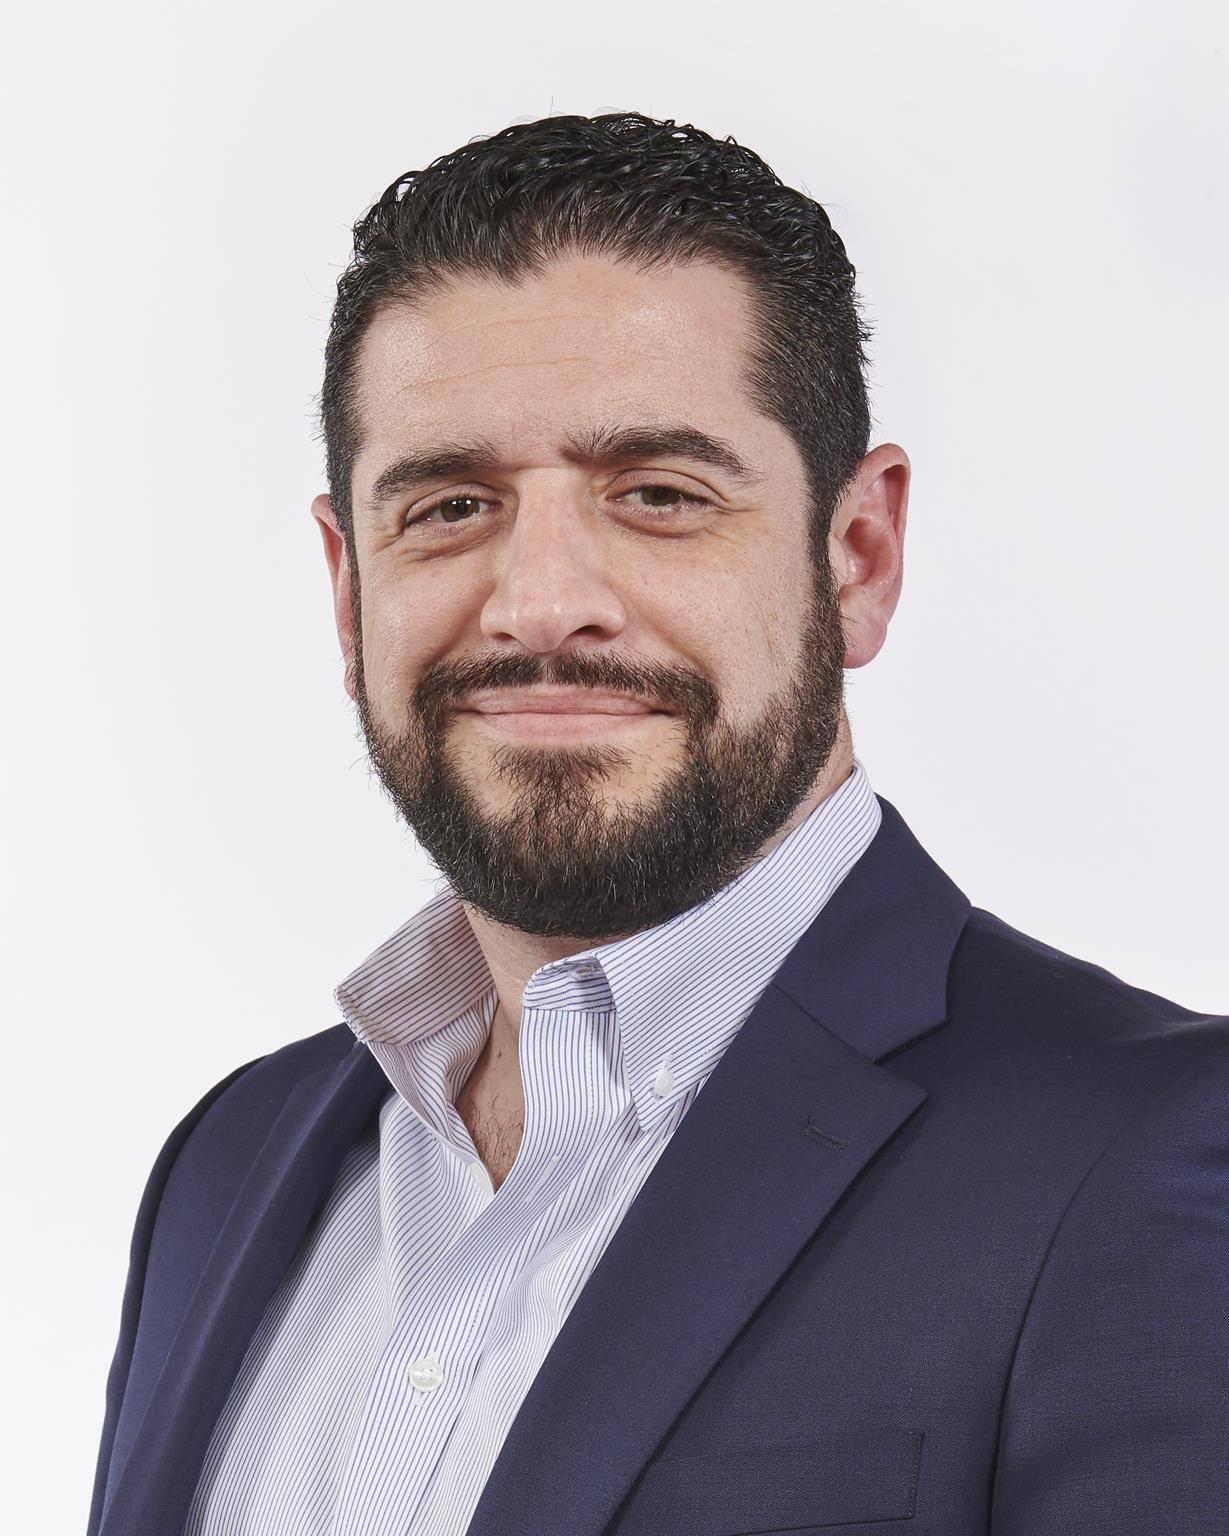 Nik Villarreal